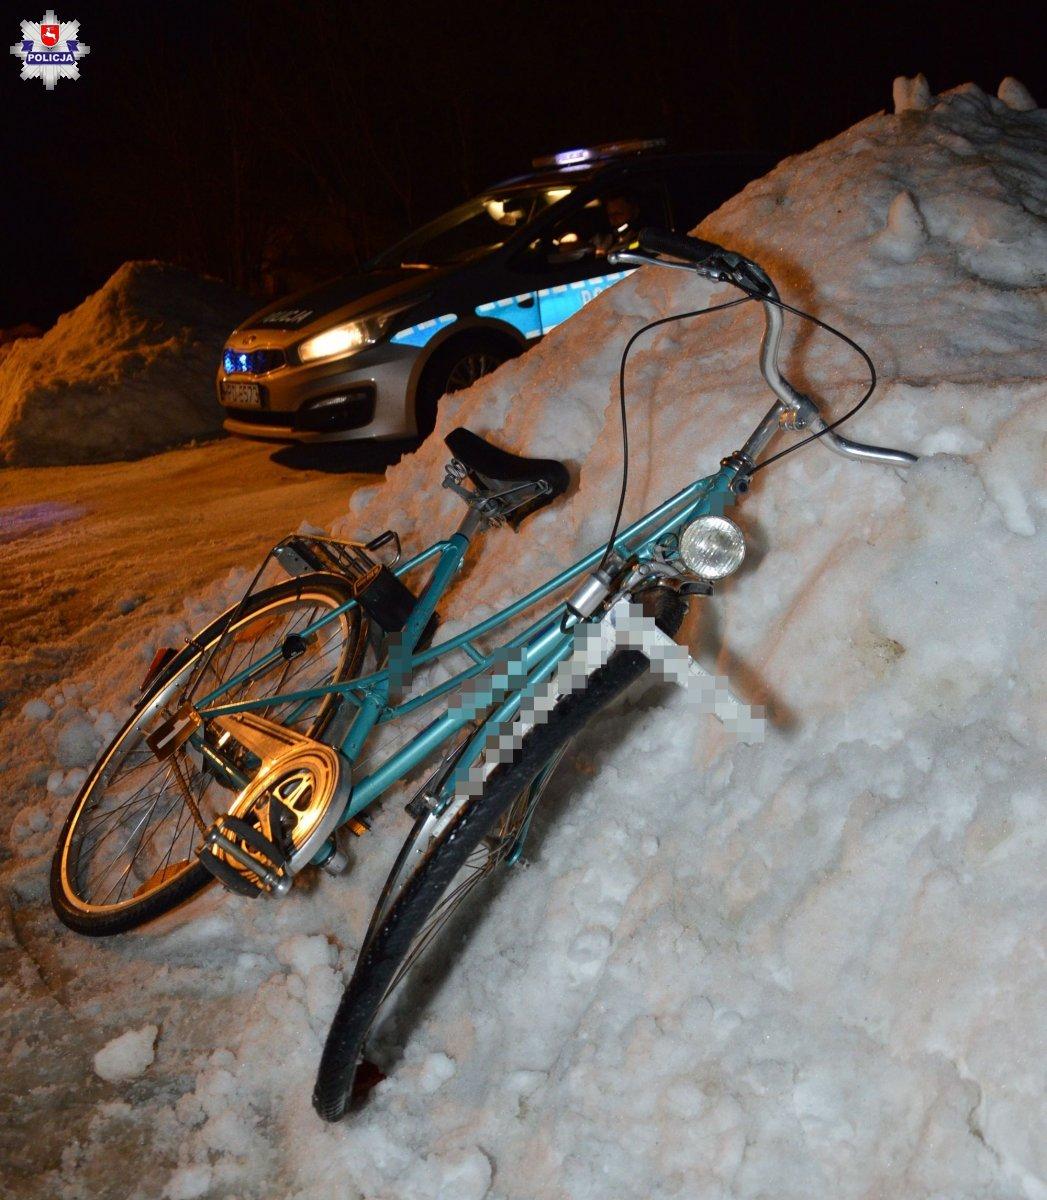 68 181431 Rowerzystka potrącona przez samochód. Śmigłowiec zabrał ją do szpitala